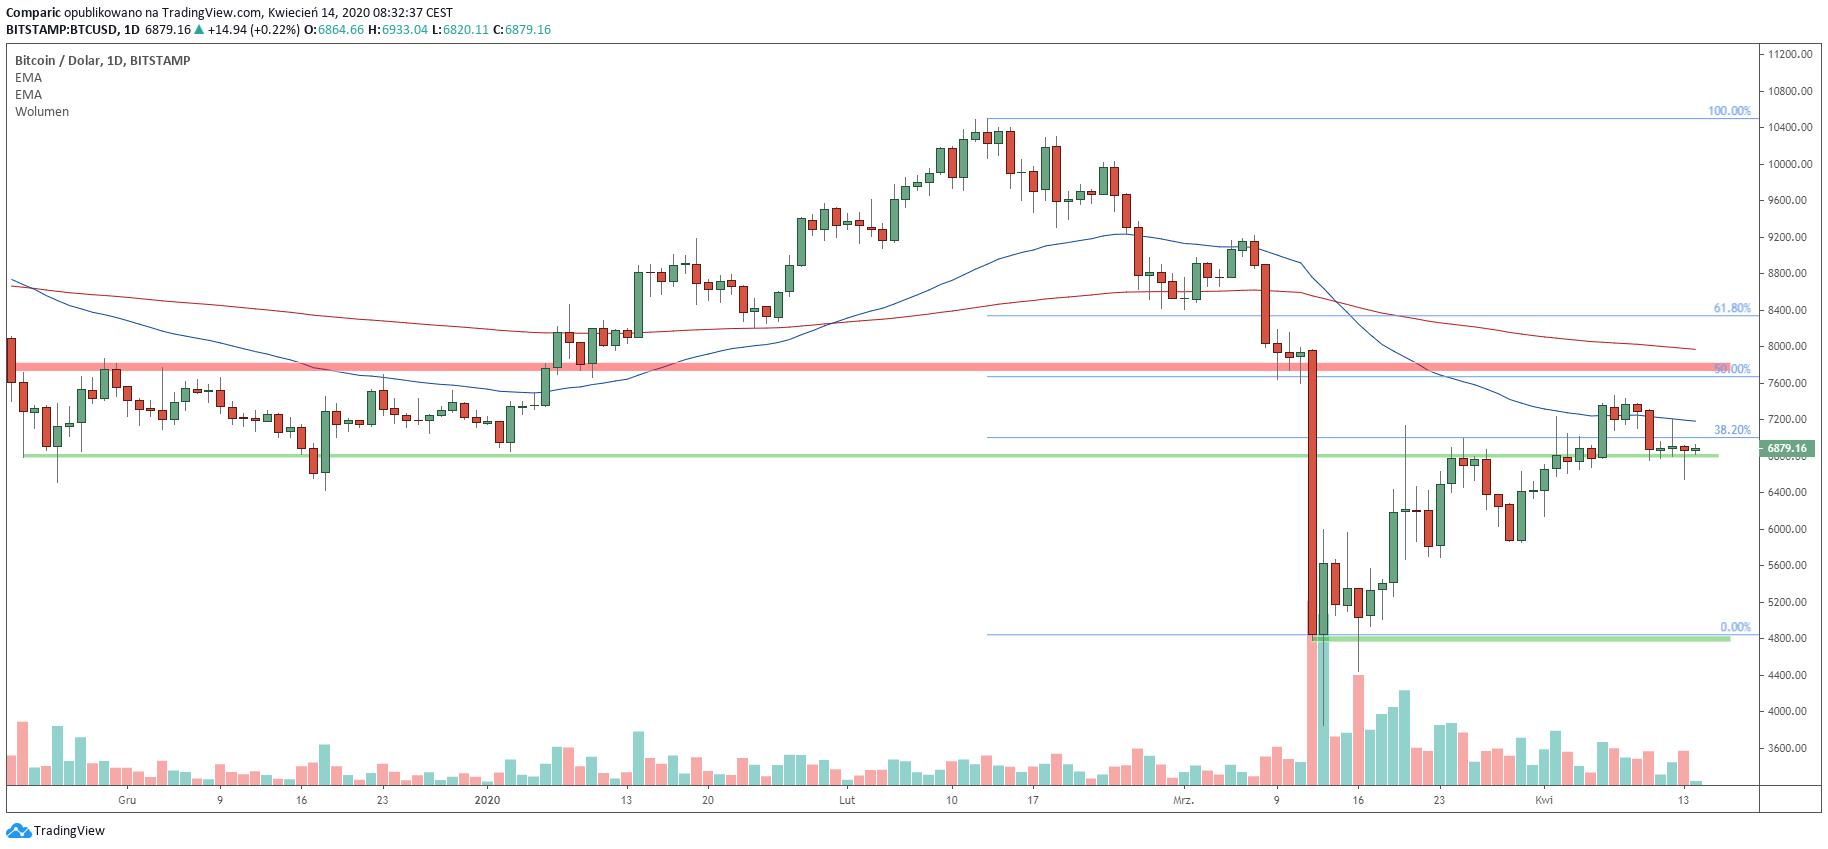 Bitcoin utrzymał 6800 dolarów, presja podaży może jednak narastać. Źródło: Tradingview.com